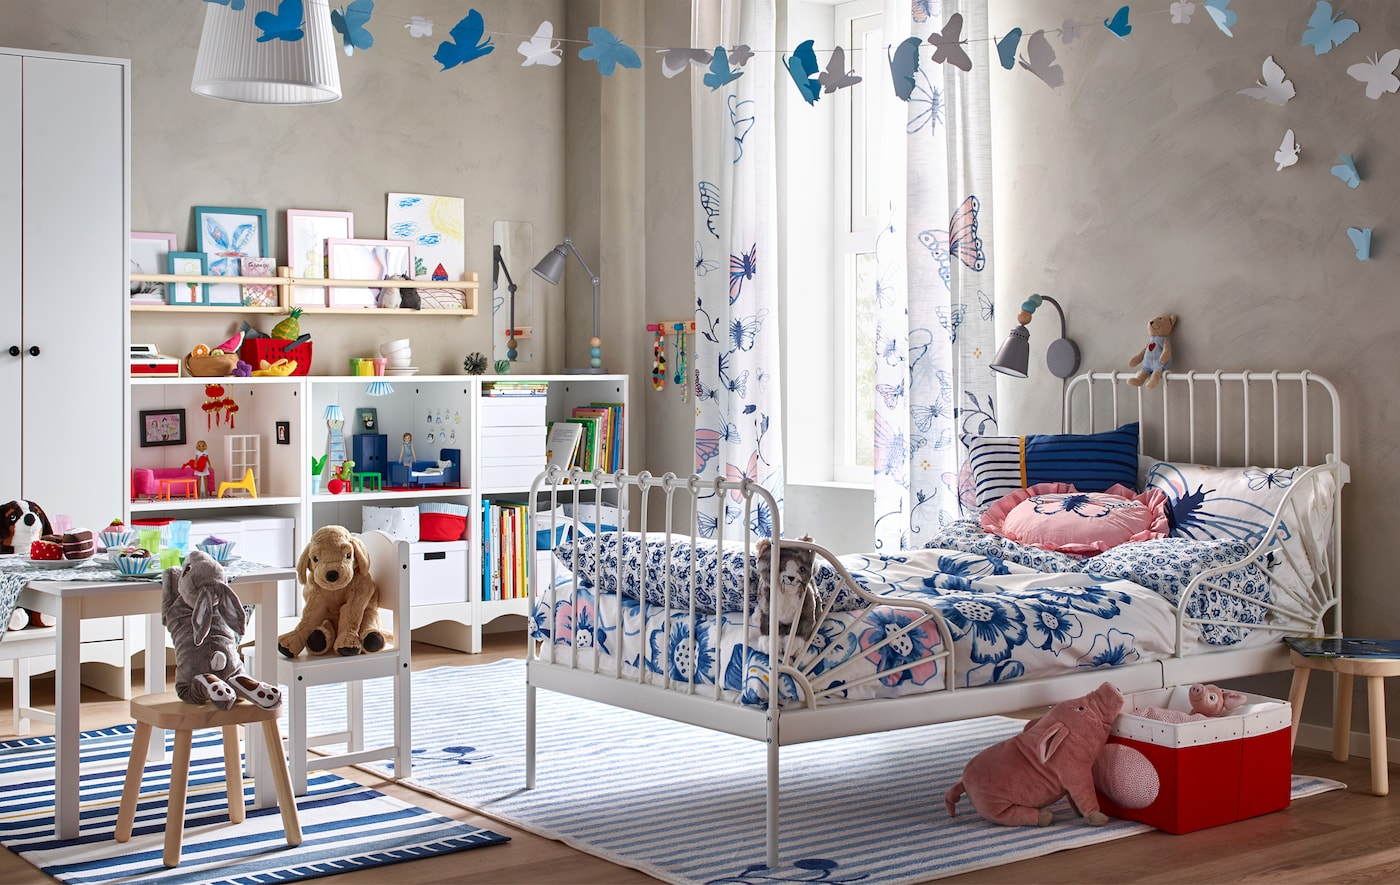 Sypialnia dziecięca z białym łóżkiem, kwiatowymi tekstyliami, mini stołem i krzesłami oraz regałem wypełnionym książkami, pudełkami i zabawkami.